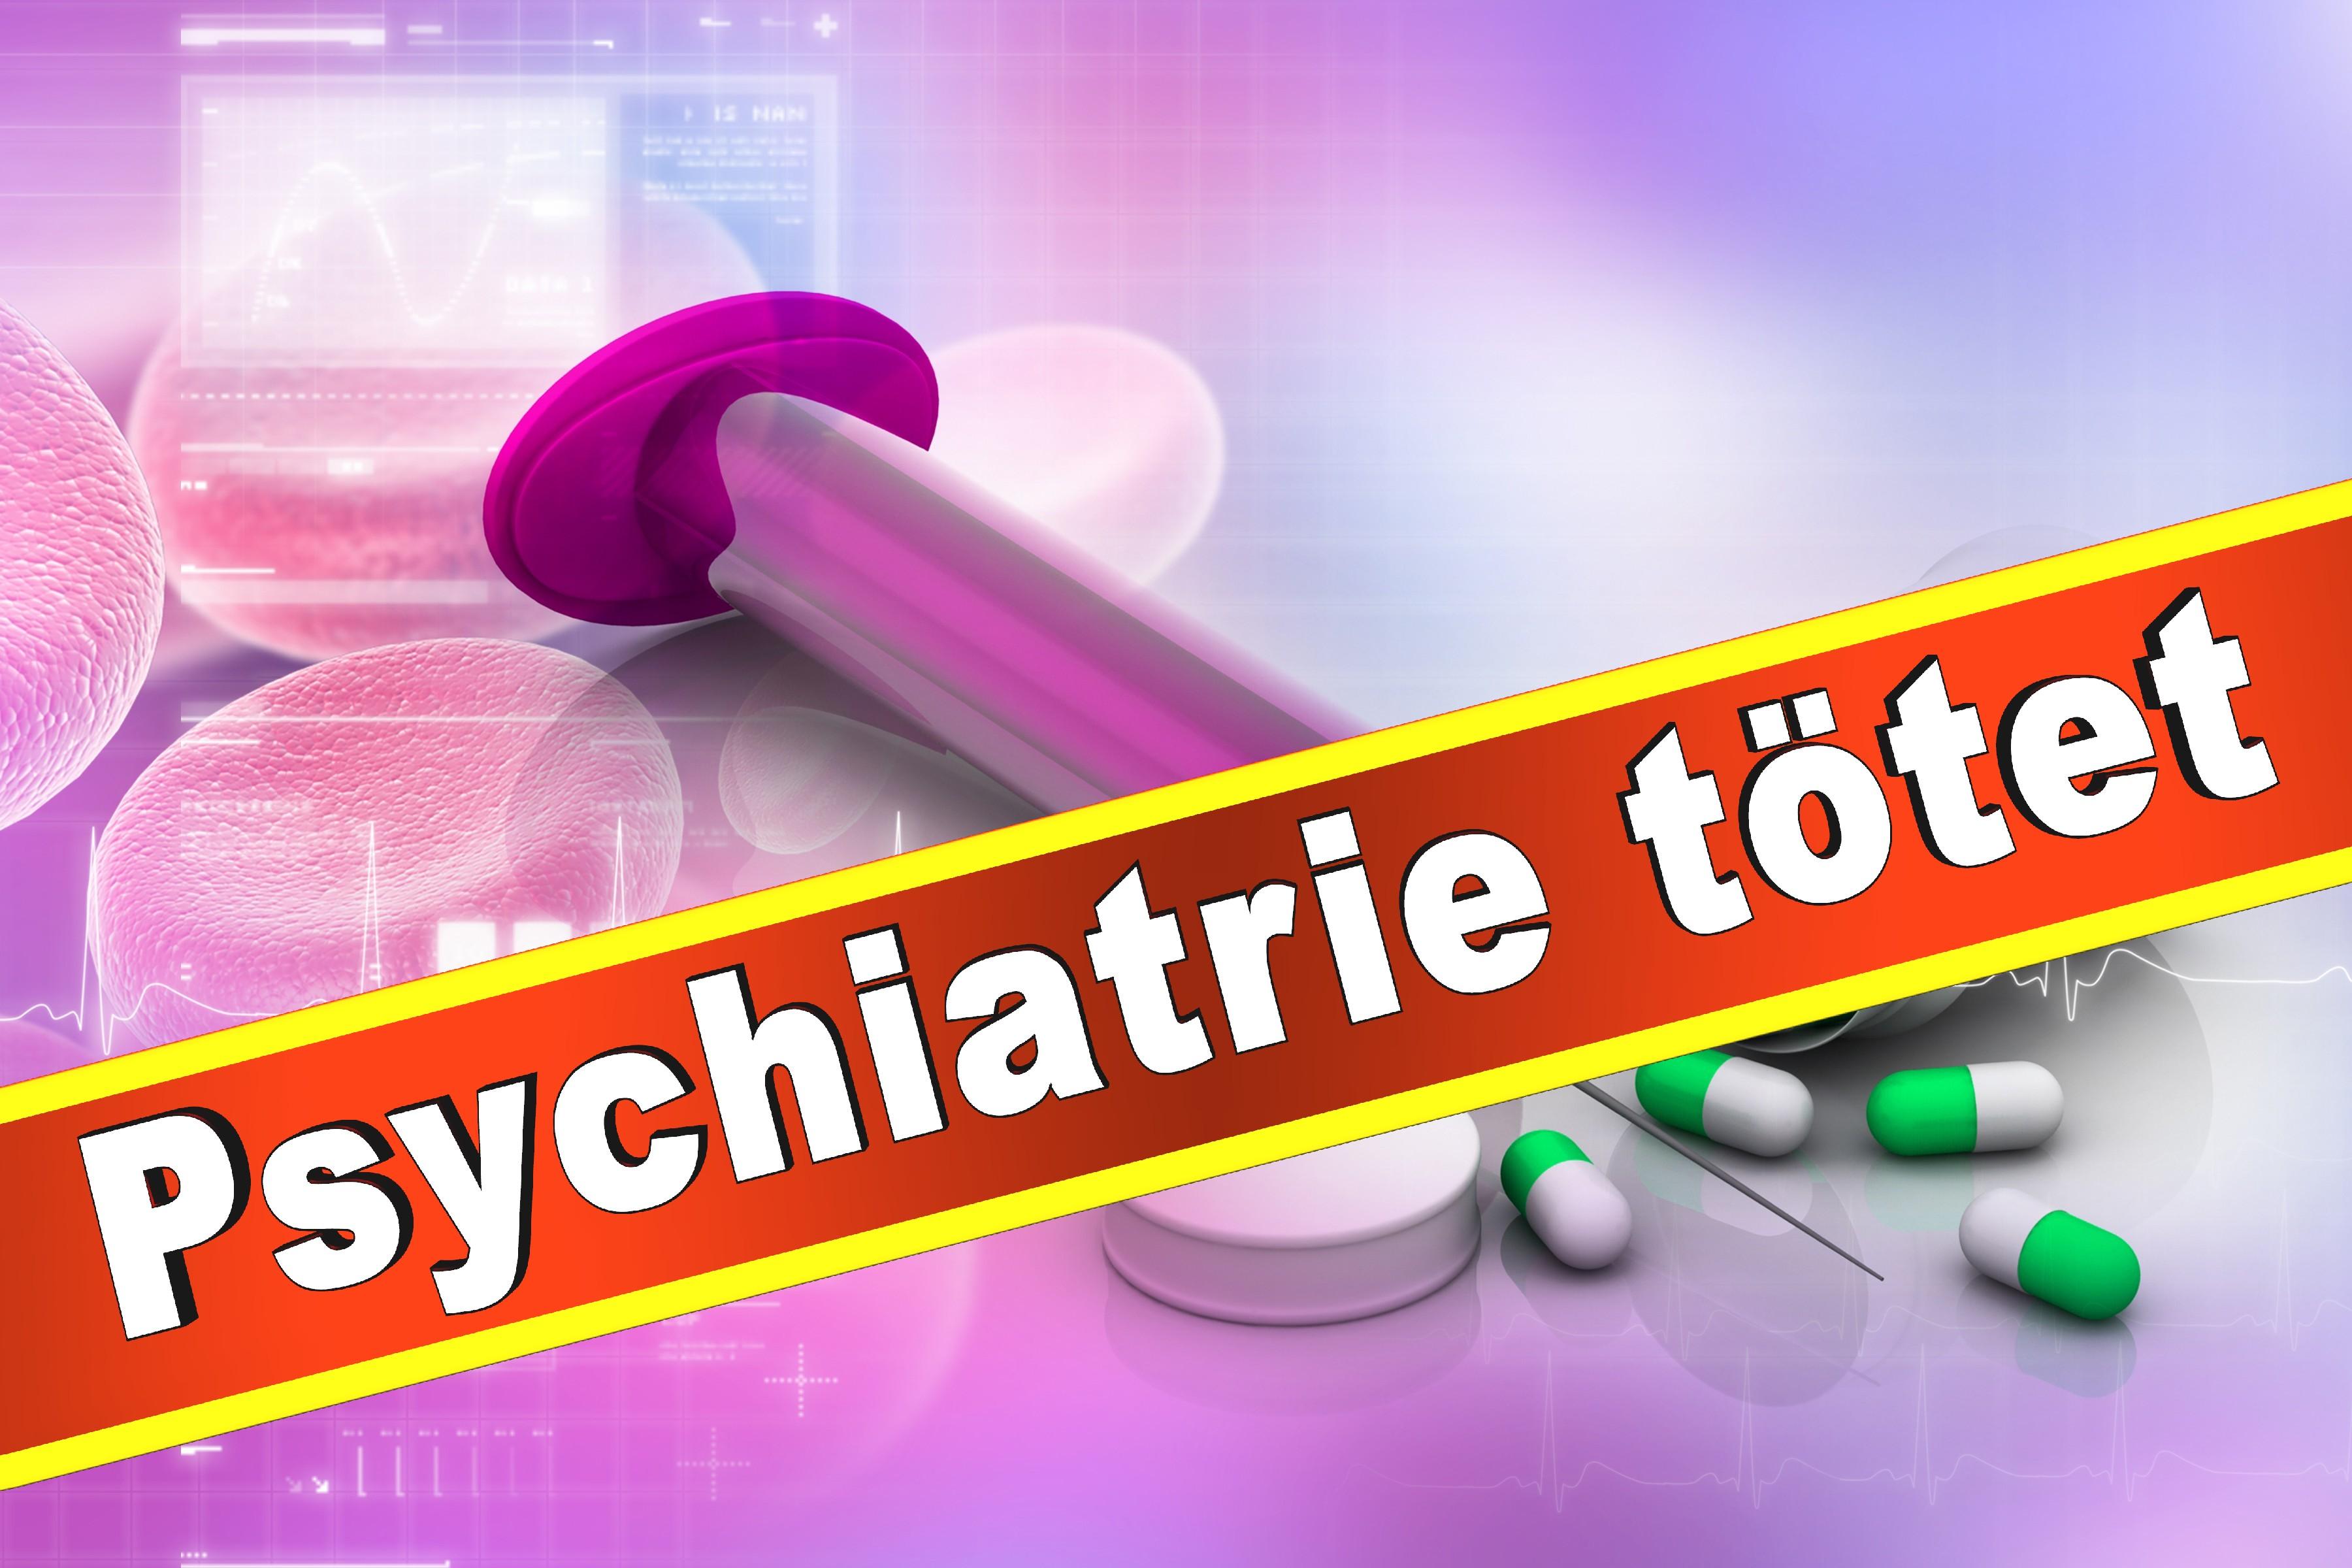 Wielant Machleidt Psychiater Psychotherapeut Professor Praxis Der Interkulturellen Psychiatrie Und Psychotherapie Medizinische Hochschule Hannover Klinik Für Psychiatrie Sozialpsychiatrie (9)